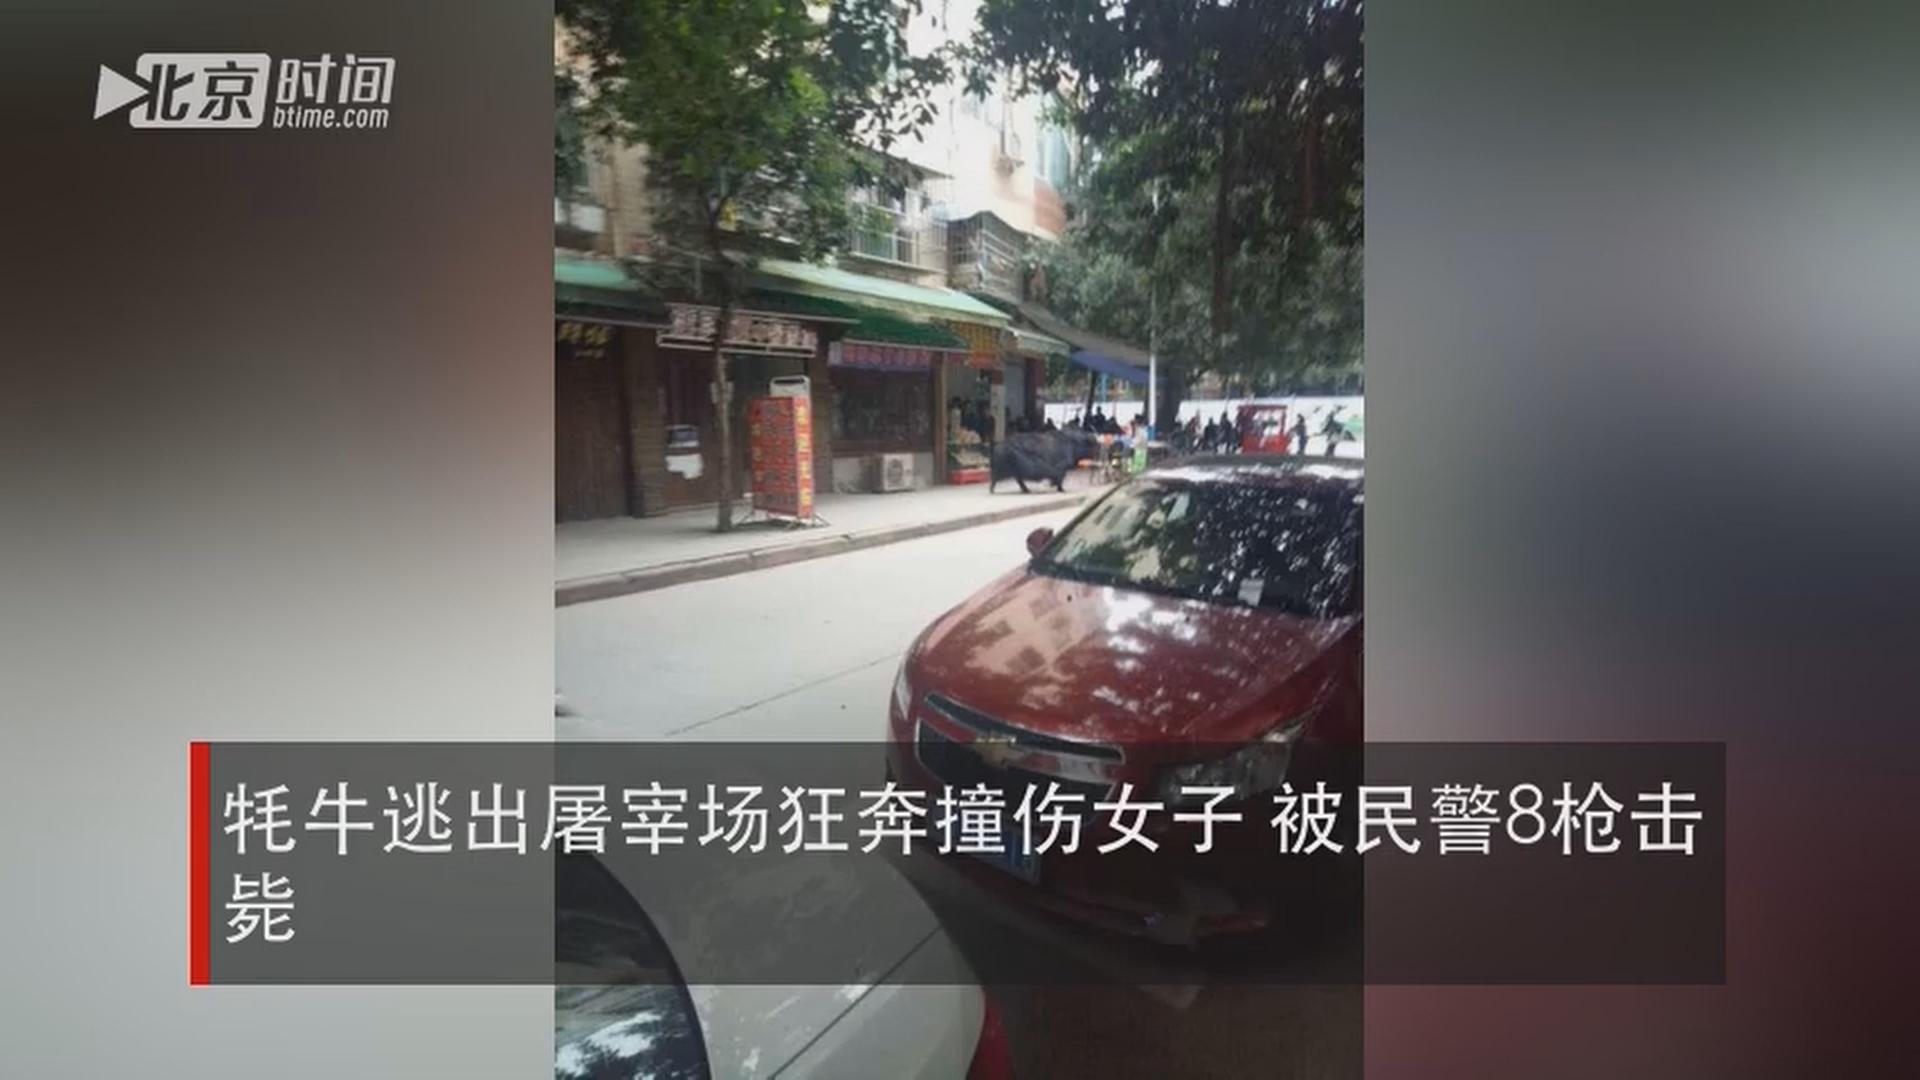 四川影视文艺直播_牦牛逃出屠宰场狂奔撞伤女子 被民警8枪击毙